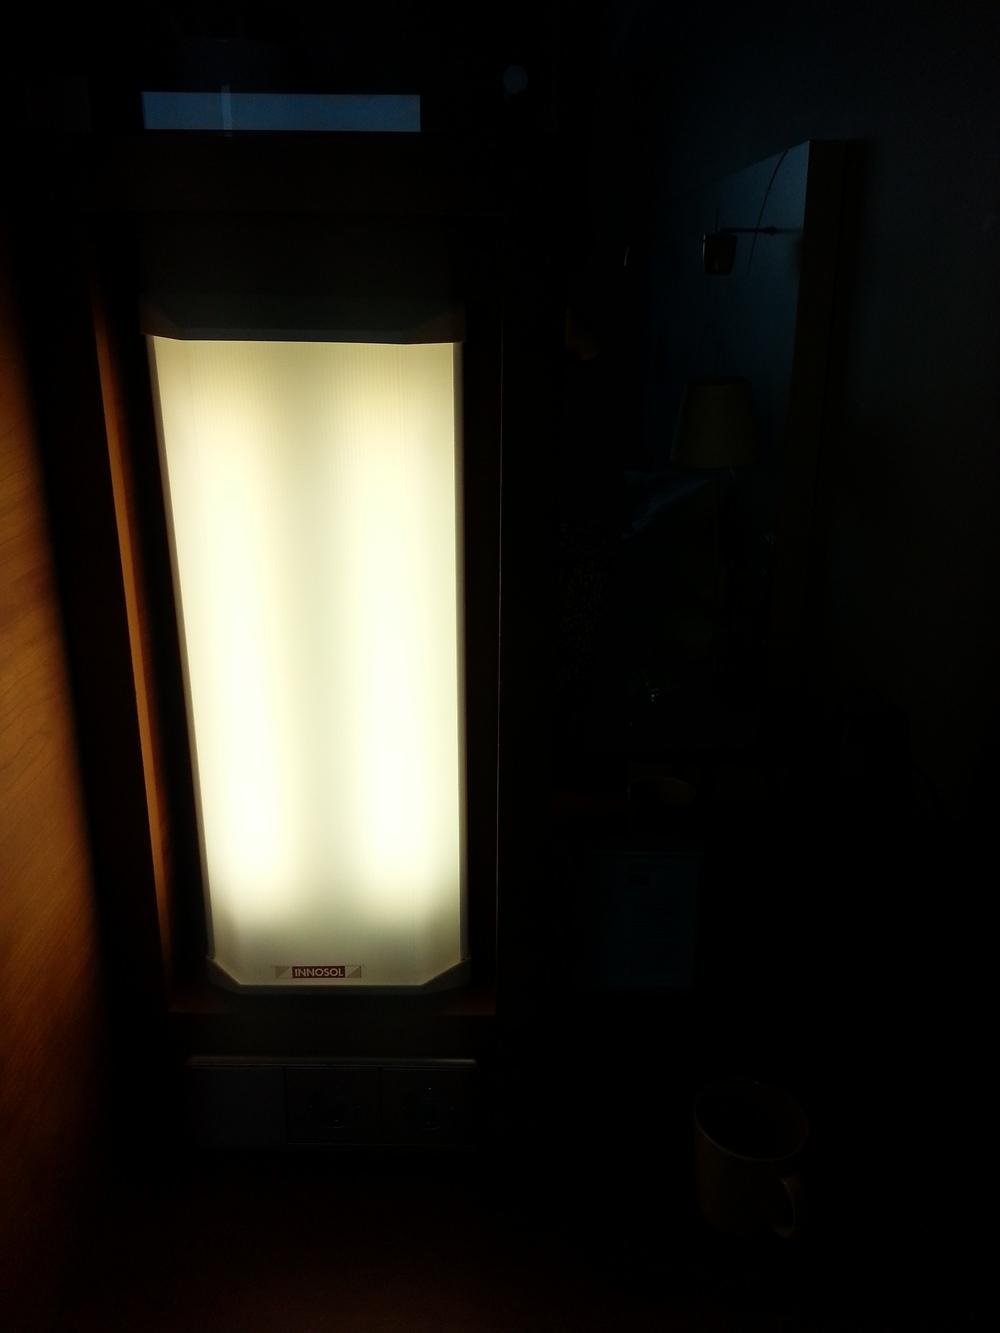 Kirkasvalolamppu ei ole yhtään hassumpi juttu Suomen hotelleihin